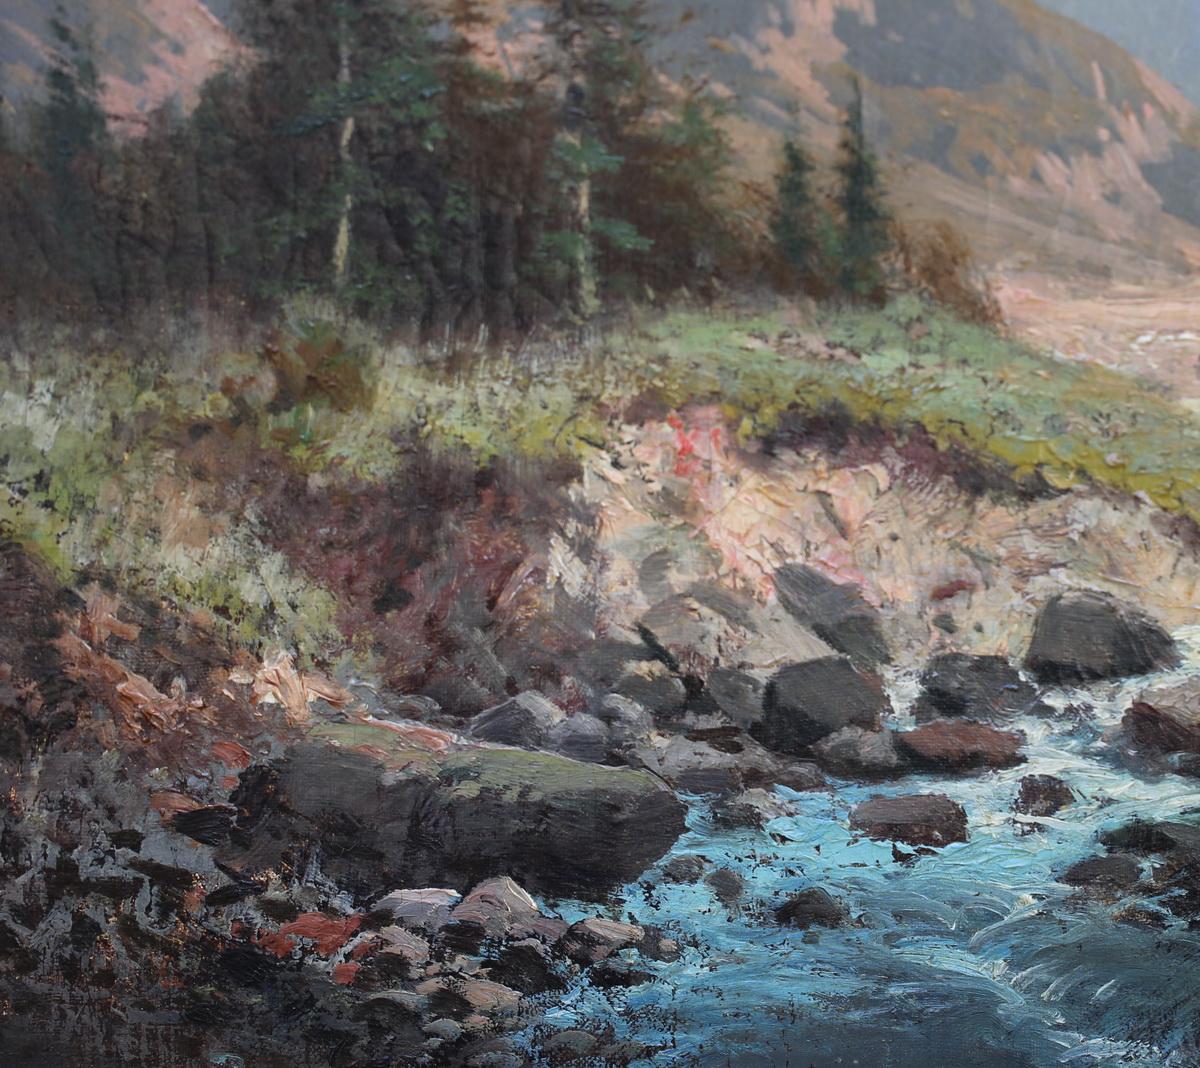 Emile GODCHAUX 1860-1938